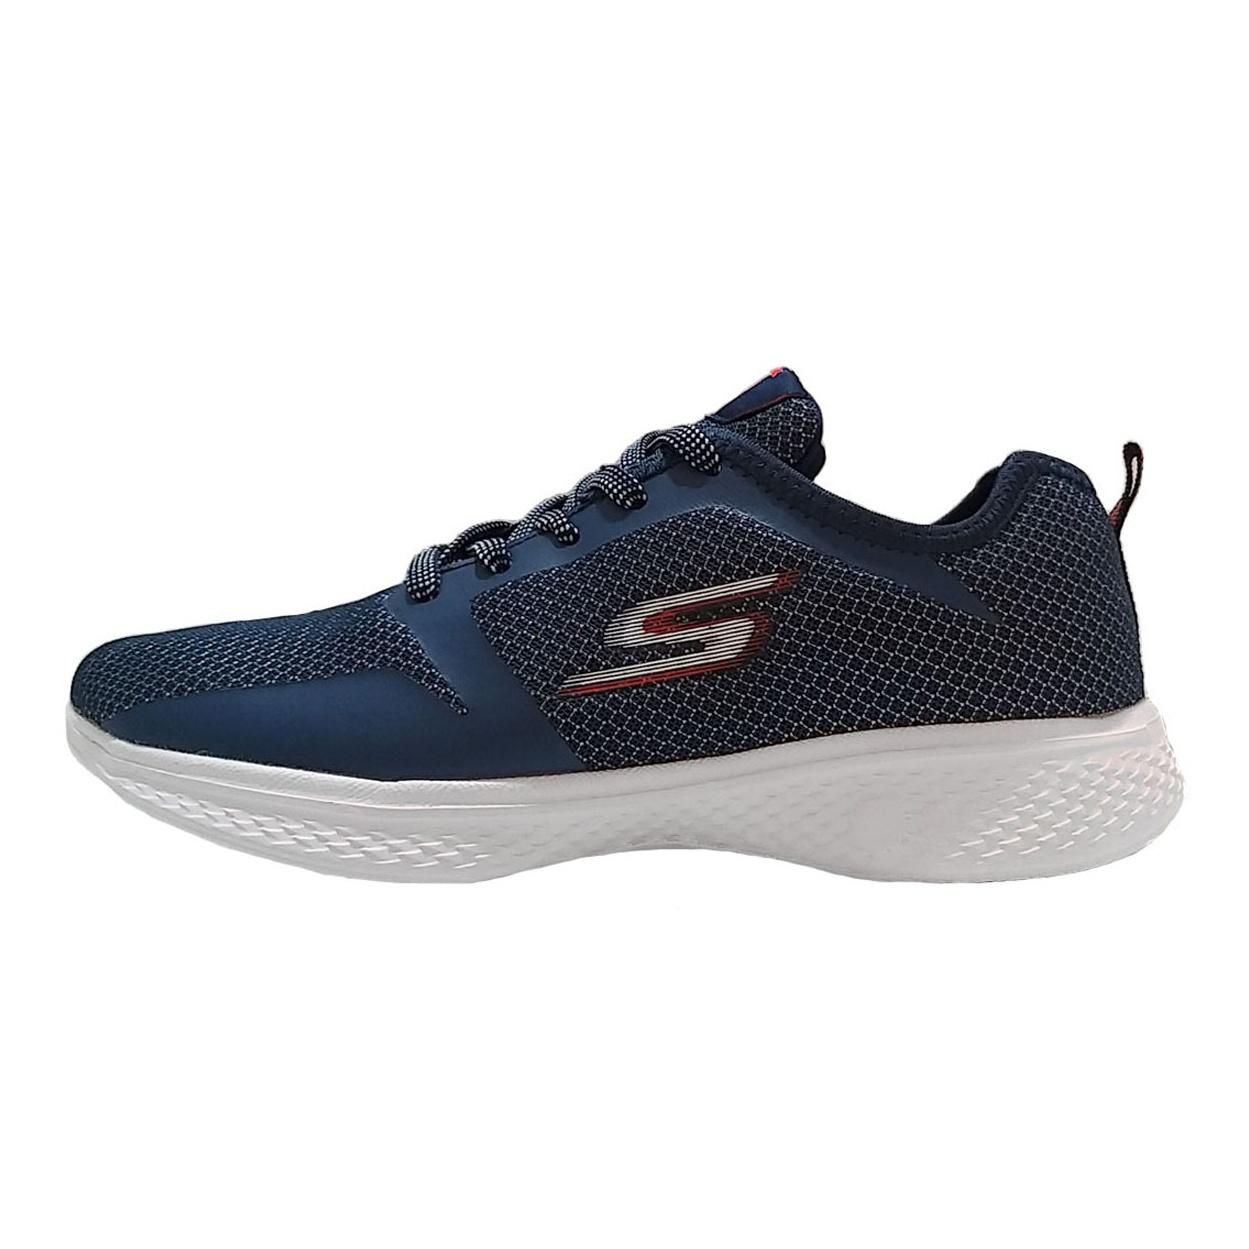 خرید                      کفش مخصوص پیاده روی مردانه اسکچرز مدل GO Walk 4              👟